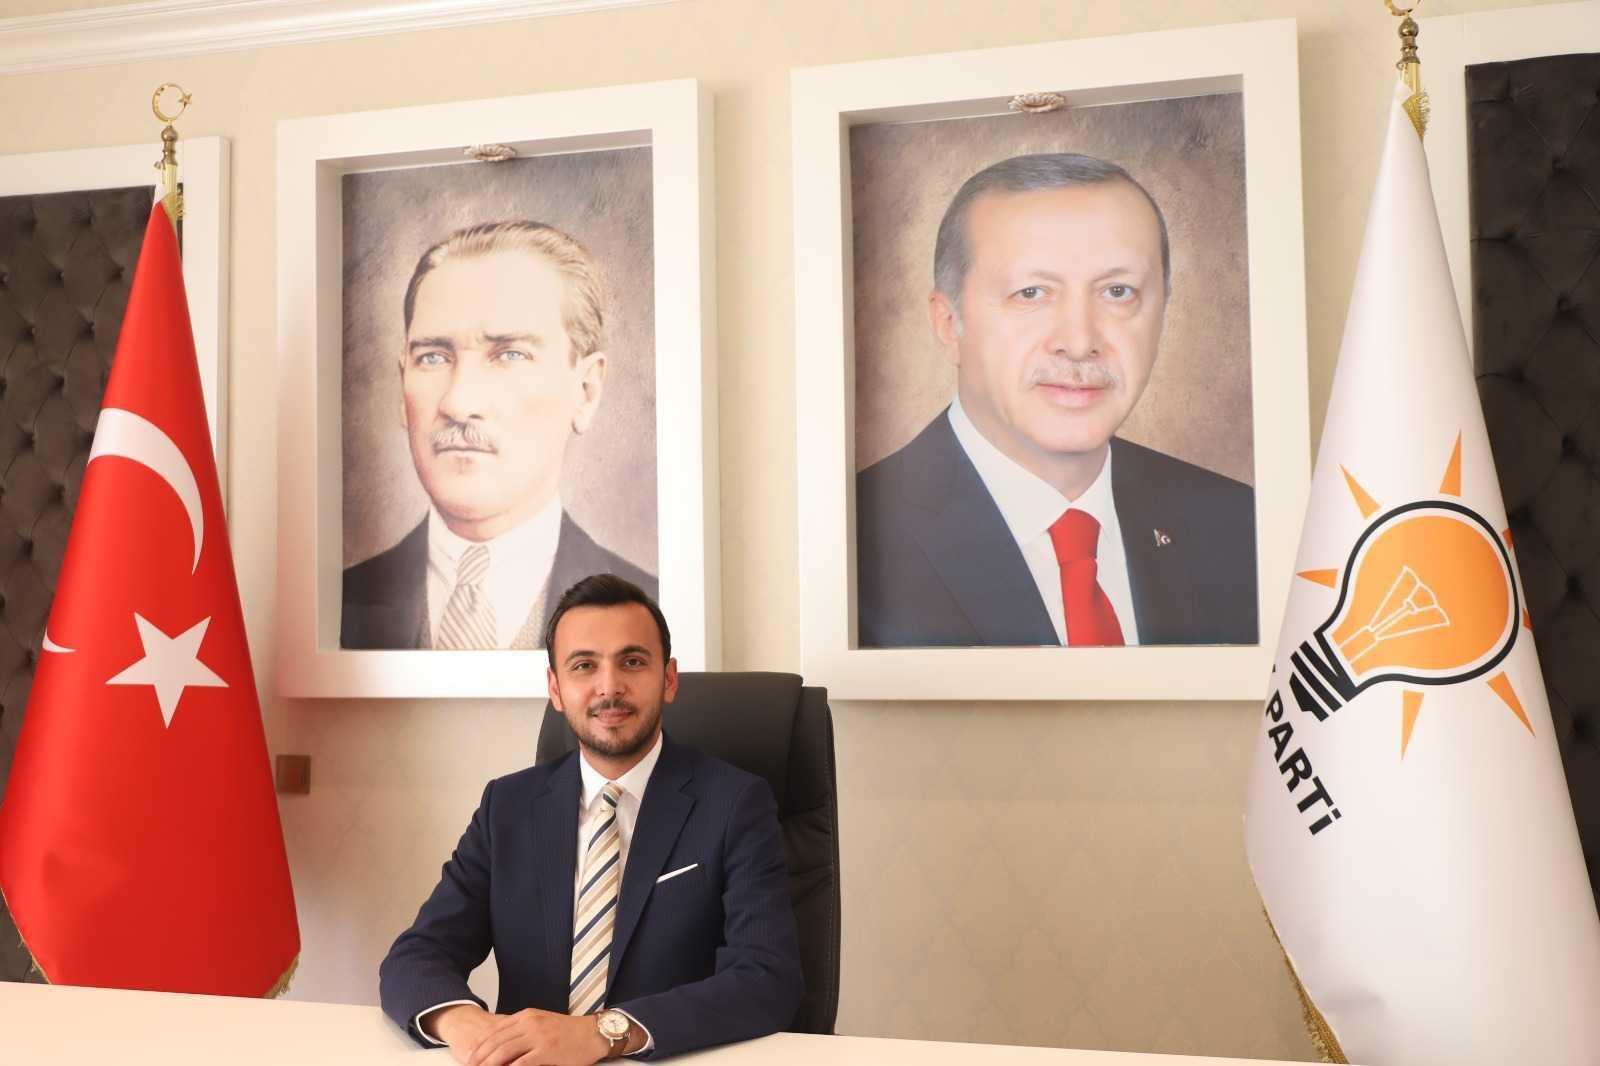 Ak Parti Alanya İlçe Başkanı Mustafa Toklu'dan hemşirelere anlamlı kutlama mesajı